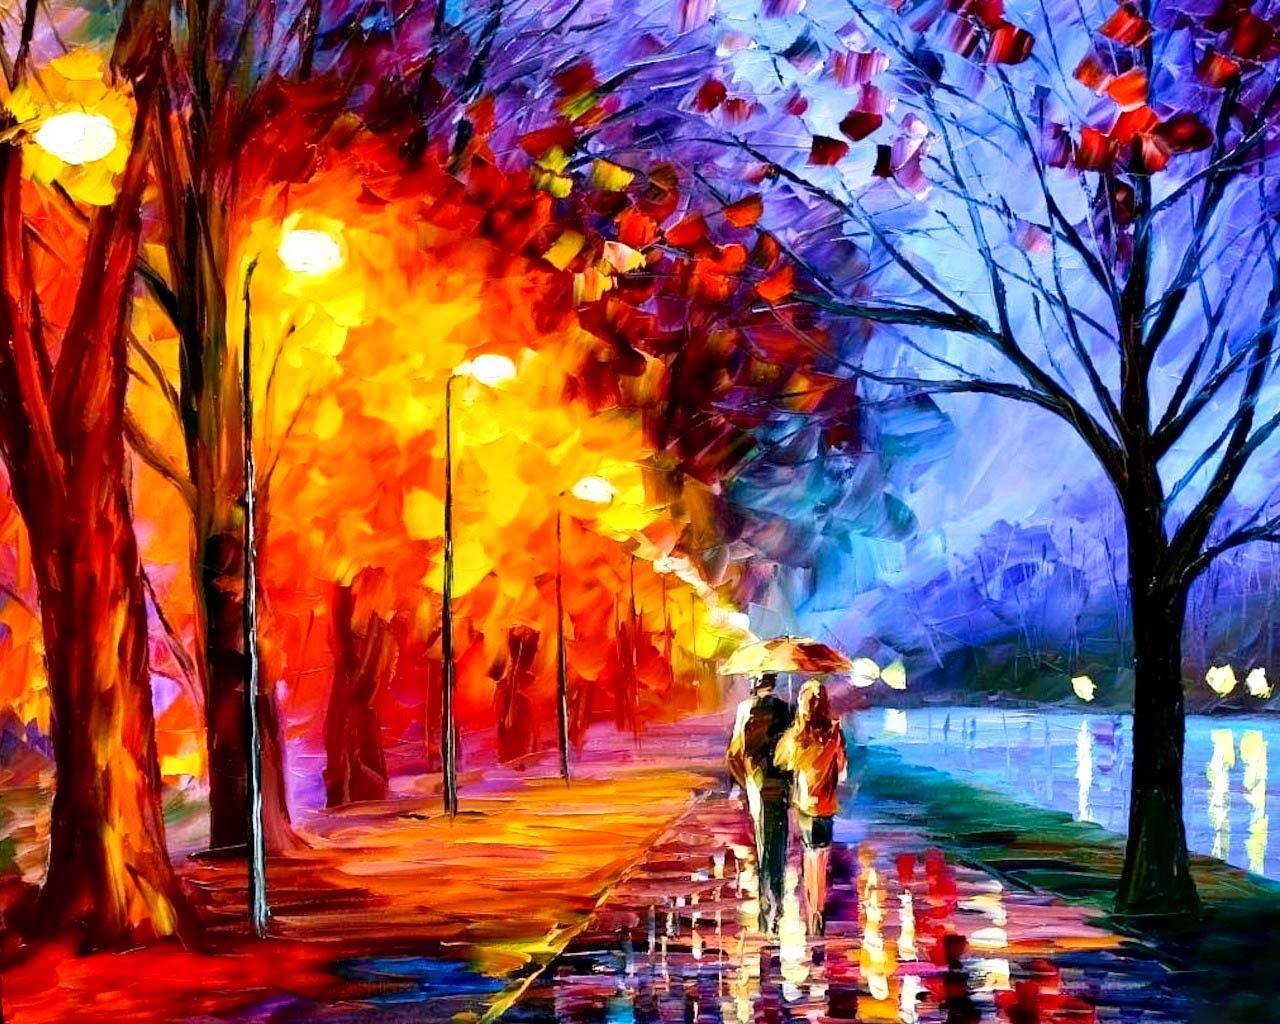 Desktop Wallpaper Girl Tatoos Army Beautiful 3d Oil Painting For Desktop Hd